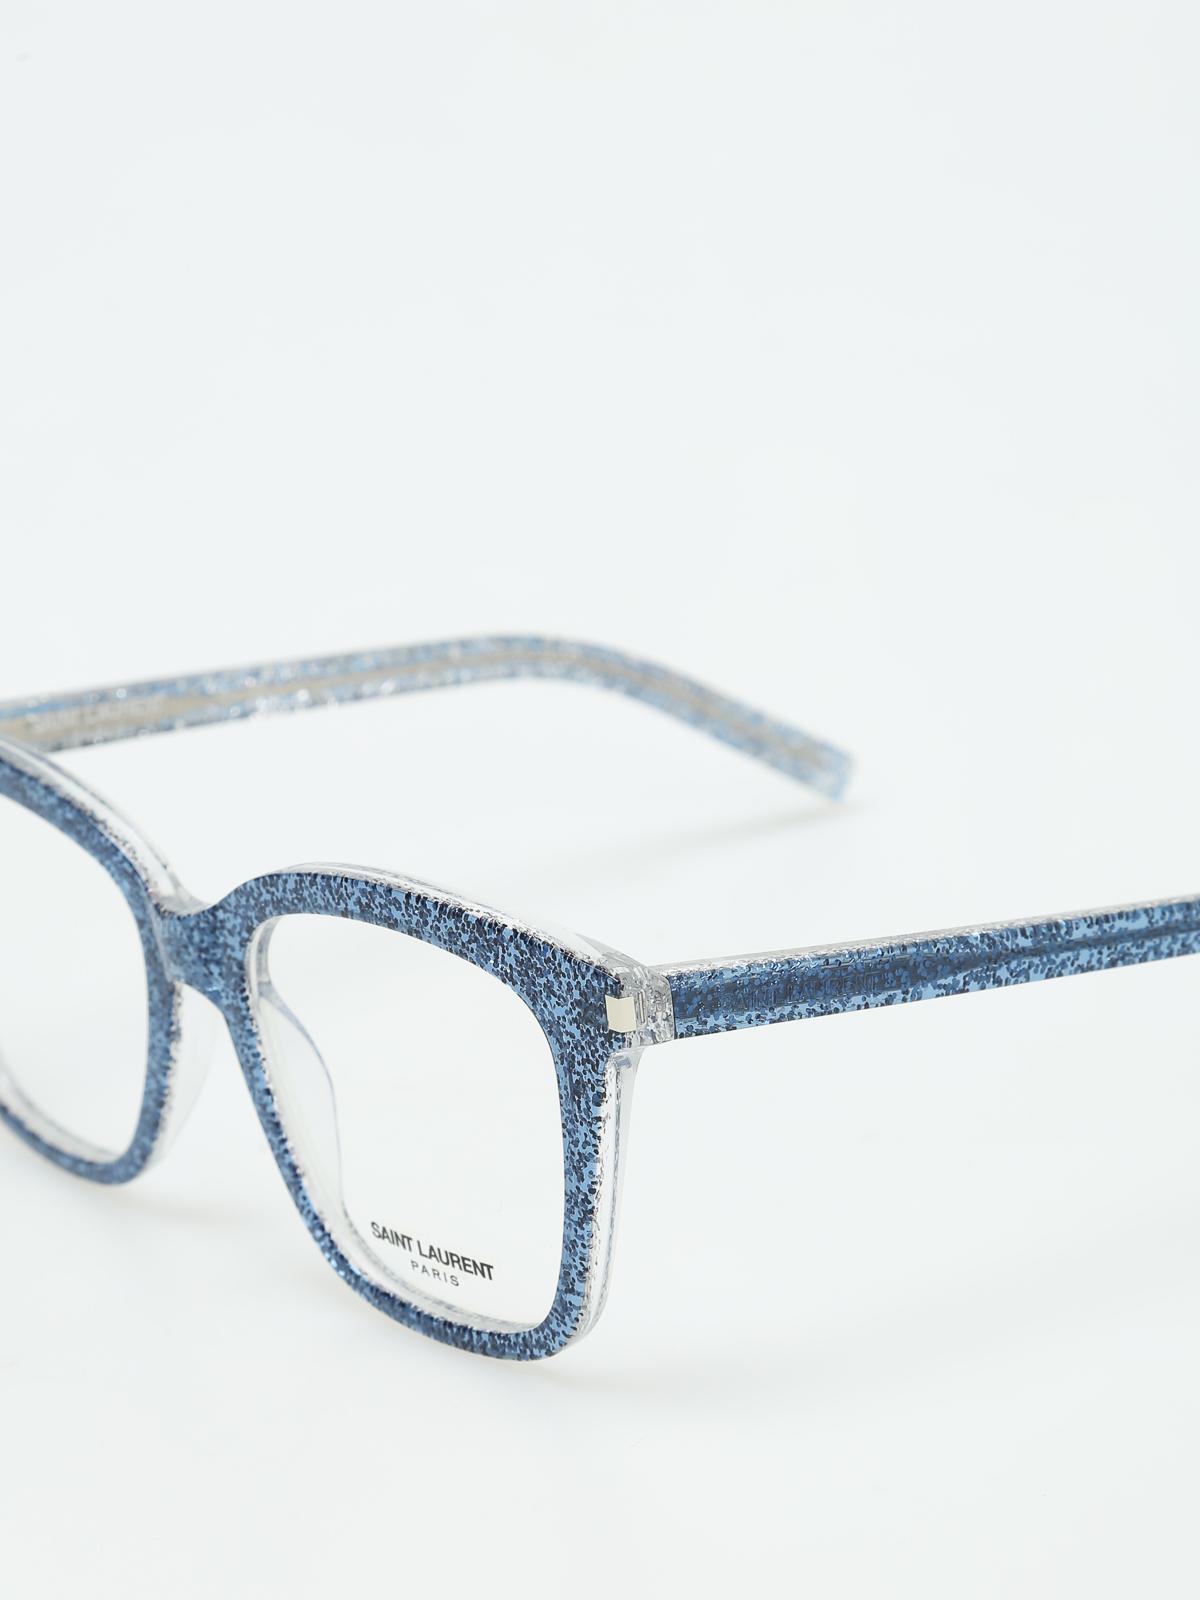 e7c9d1e726 iKRIX SAINT LAURENT  Glasses - Thick frame round glasses